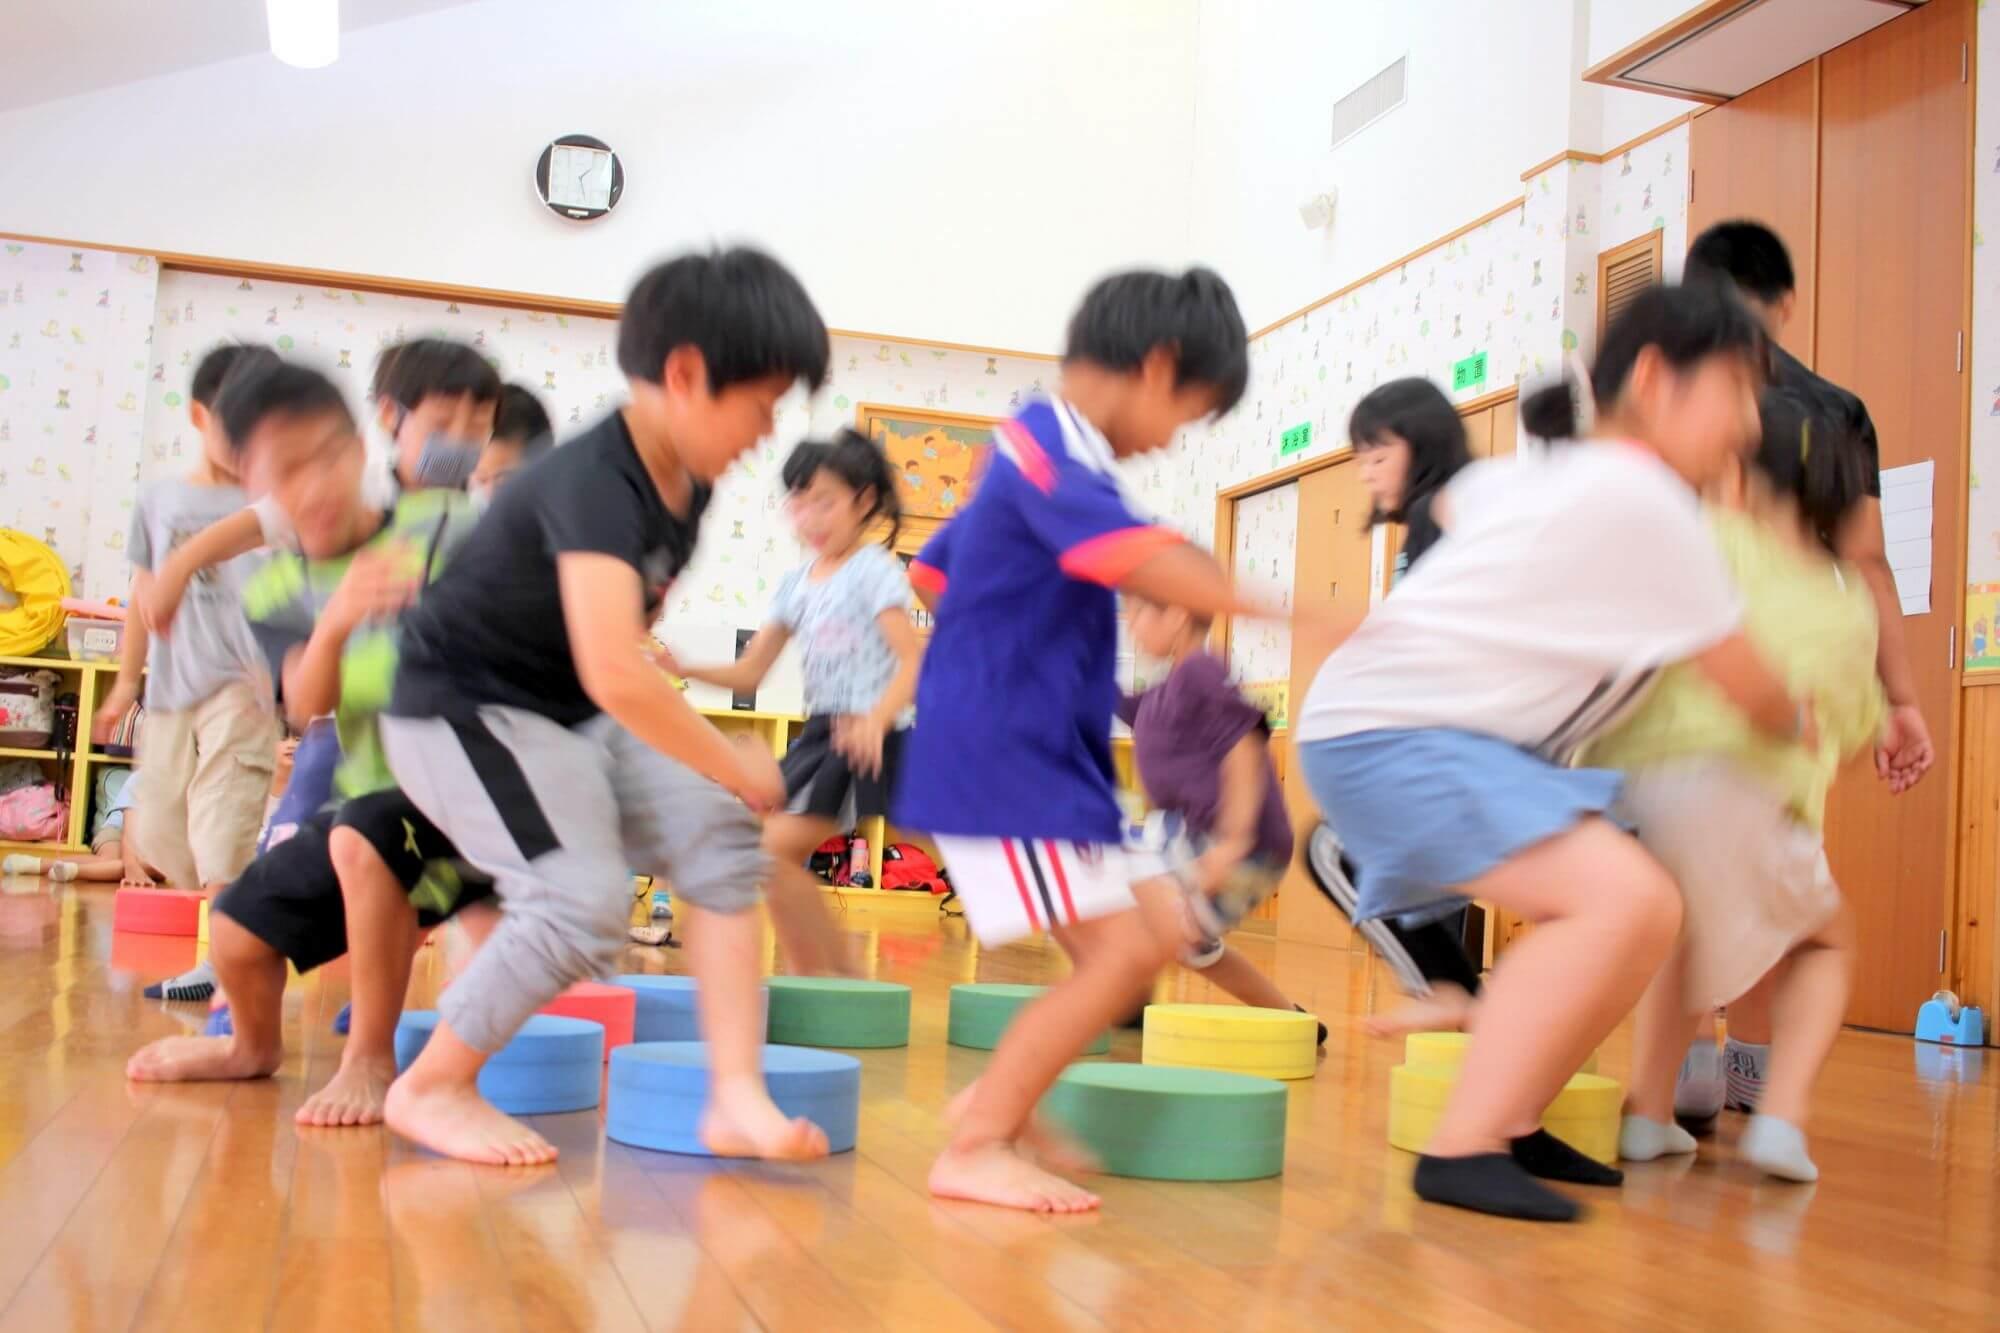 小学生の お泊り会